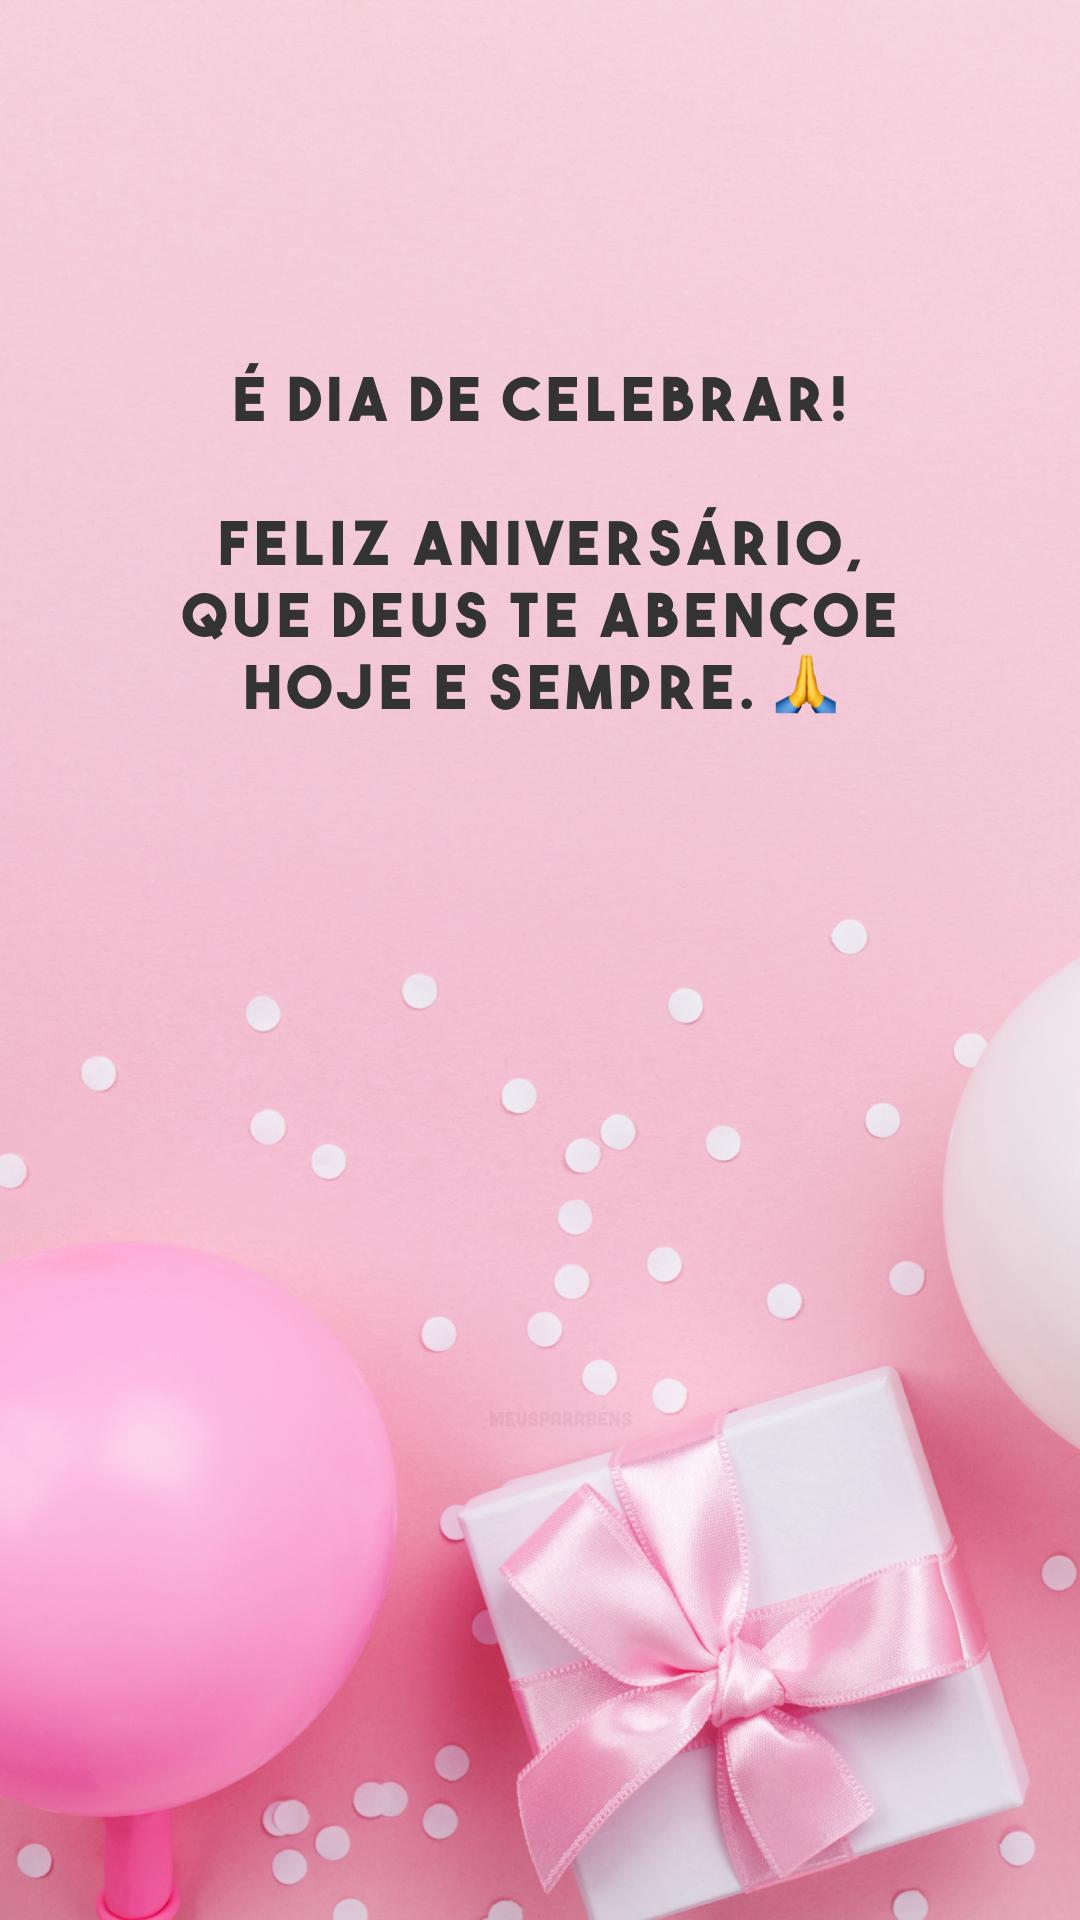 É dia de celebrar! Feliz aniversário, que Deus te abençoe hoje e sempre. 🙏